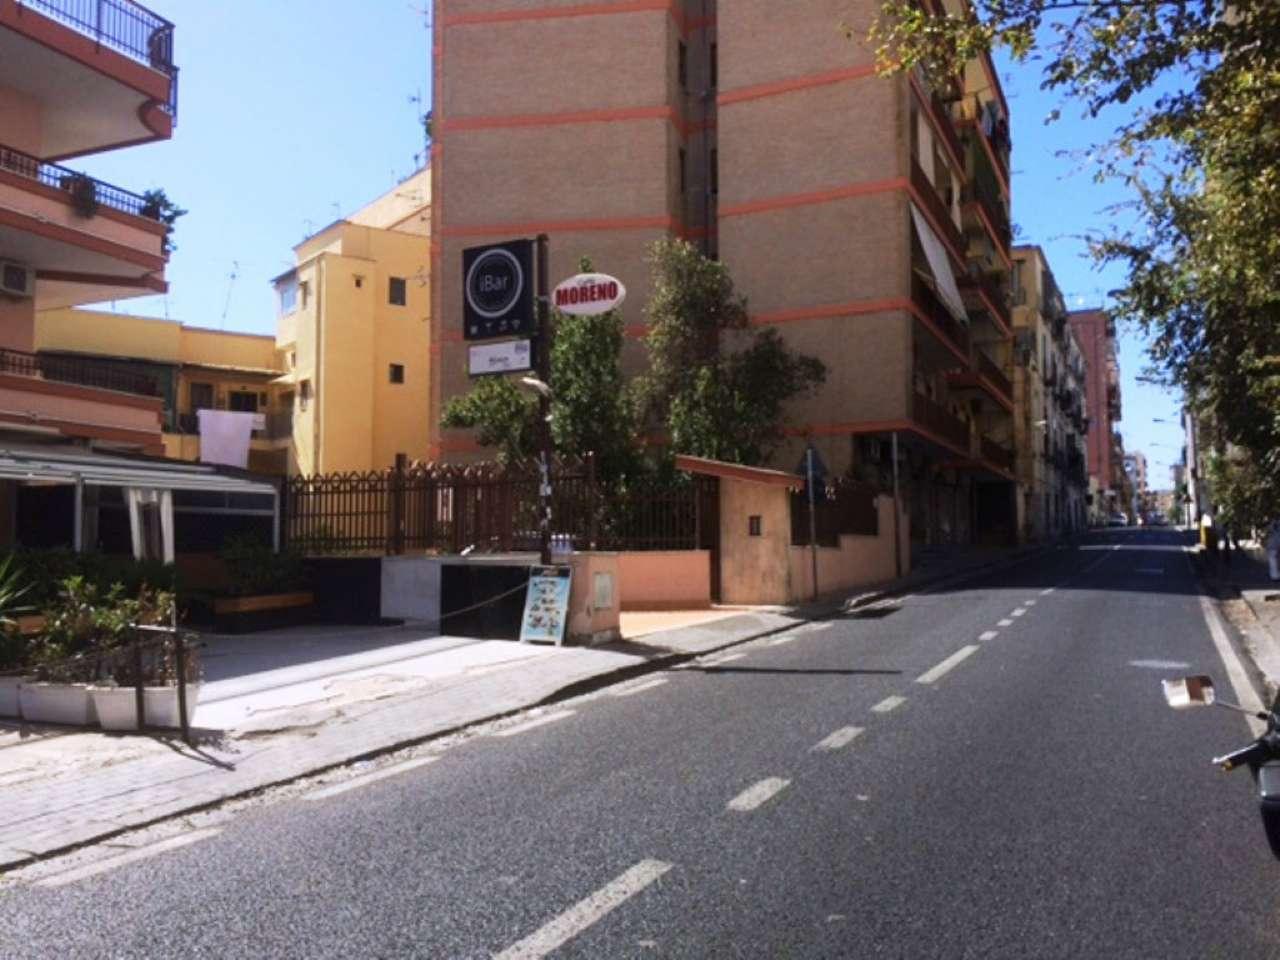 Negozio / Locale in vendita a Torre del Greco, 1 locali, prezzo € 200.000 | CambioCasa.it